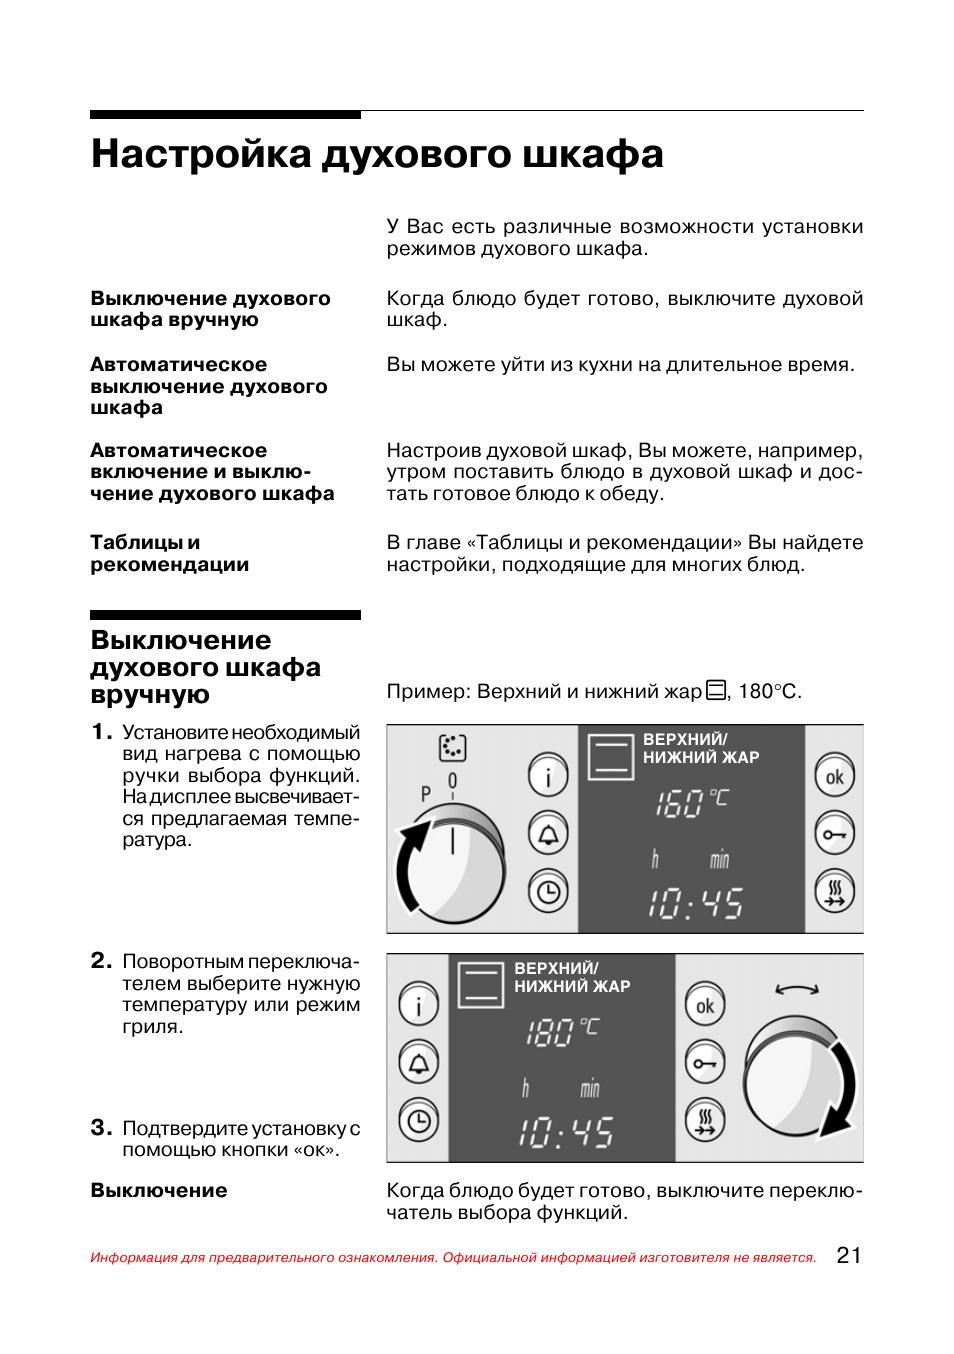 инструкция по эксплуатации духовки электрической бош